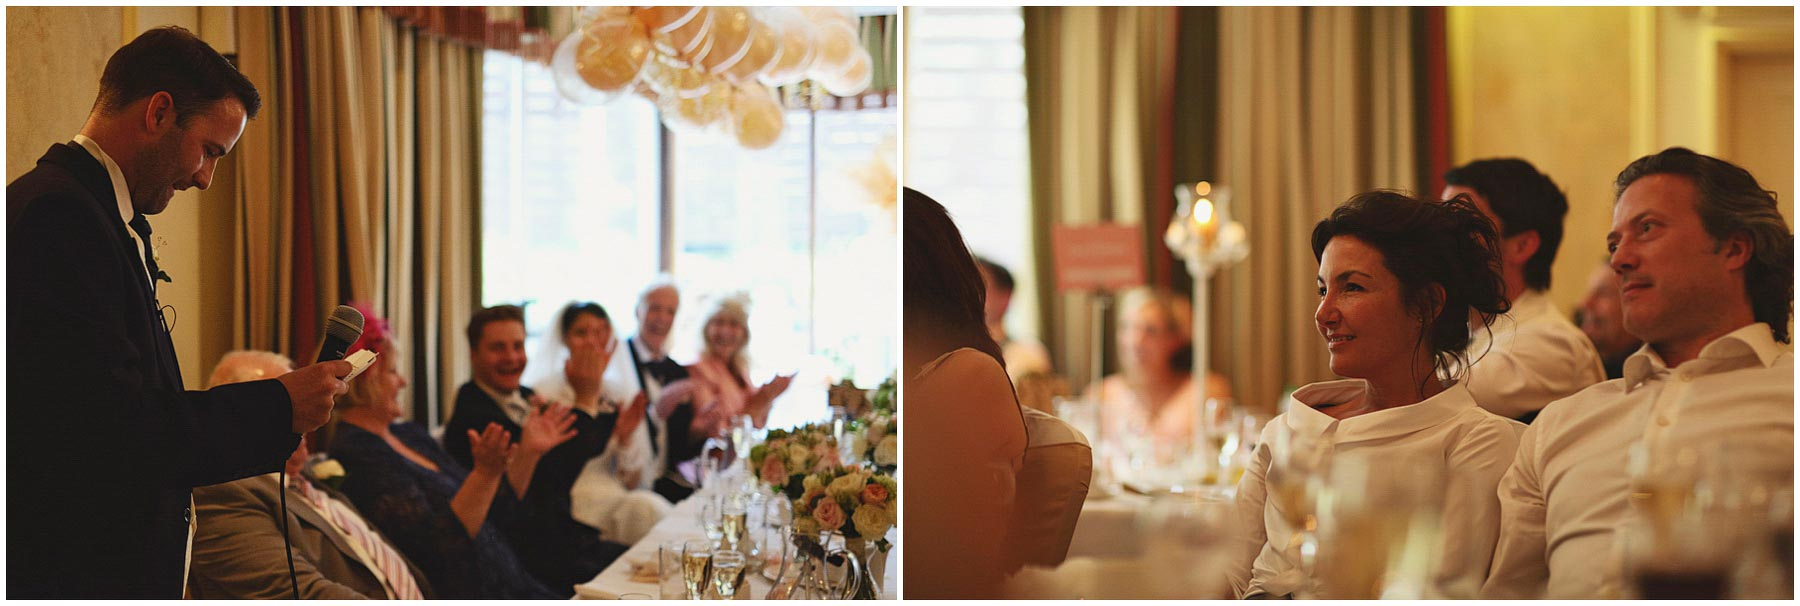 Wentbridge-House-Wedding-Photography-118